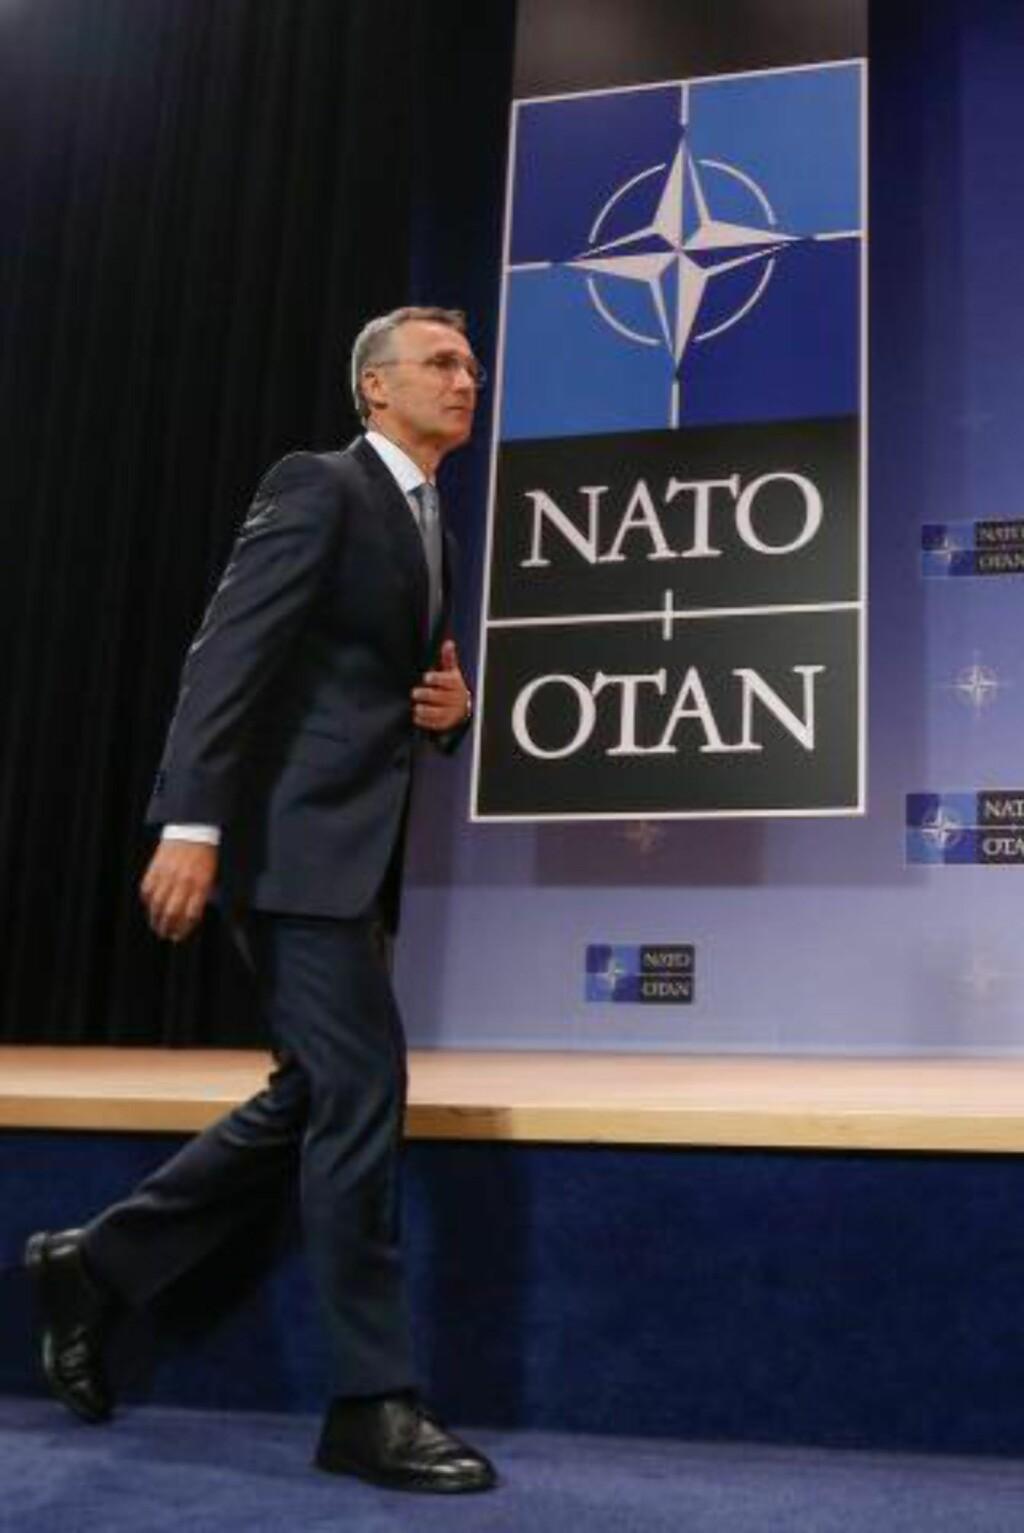 KOLLEKTIVT FORSVAR: Opptrapping av innsatsen mot terror skal ikke skje på bekostning av det kollektive forsvaret i Europa, understreker Natos generalsekretær Jens Stoltenberg. Foto: Laurent Dubrule/EPA